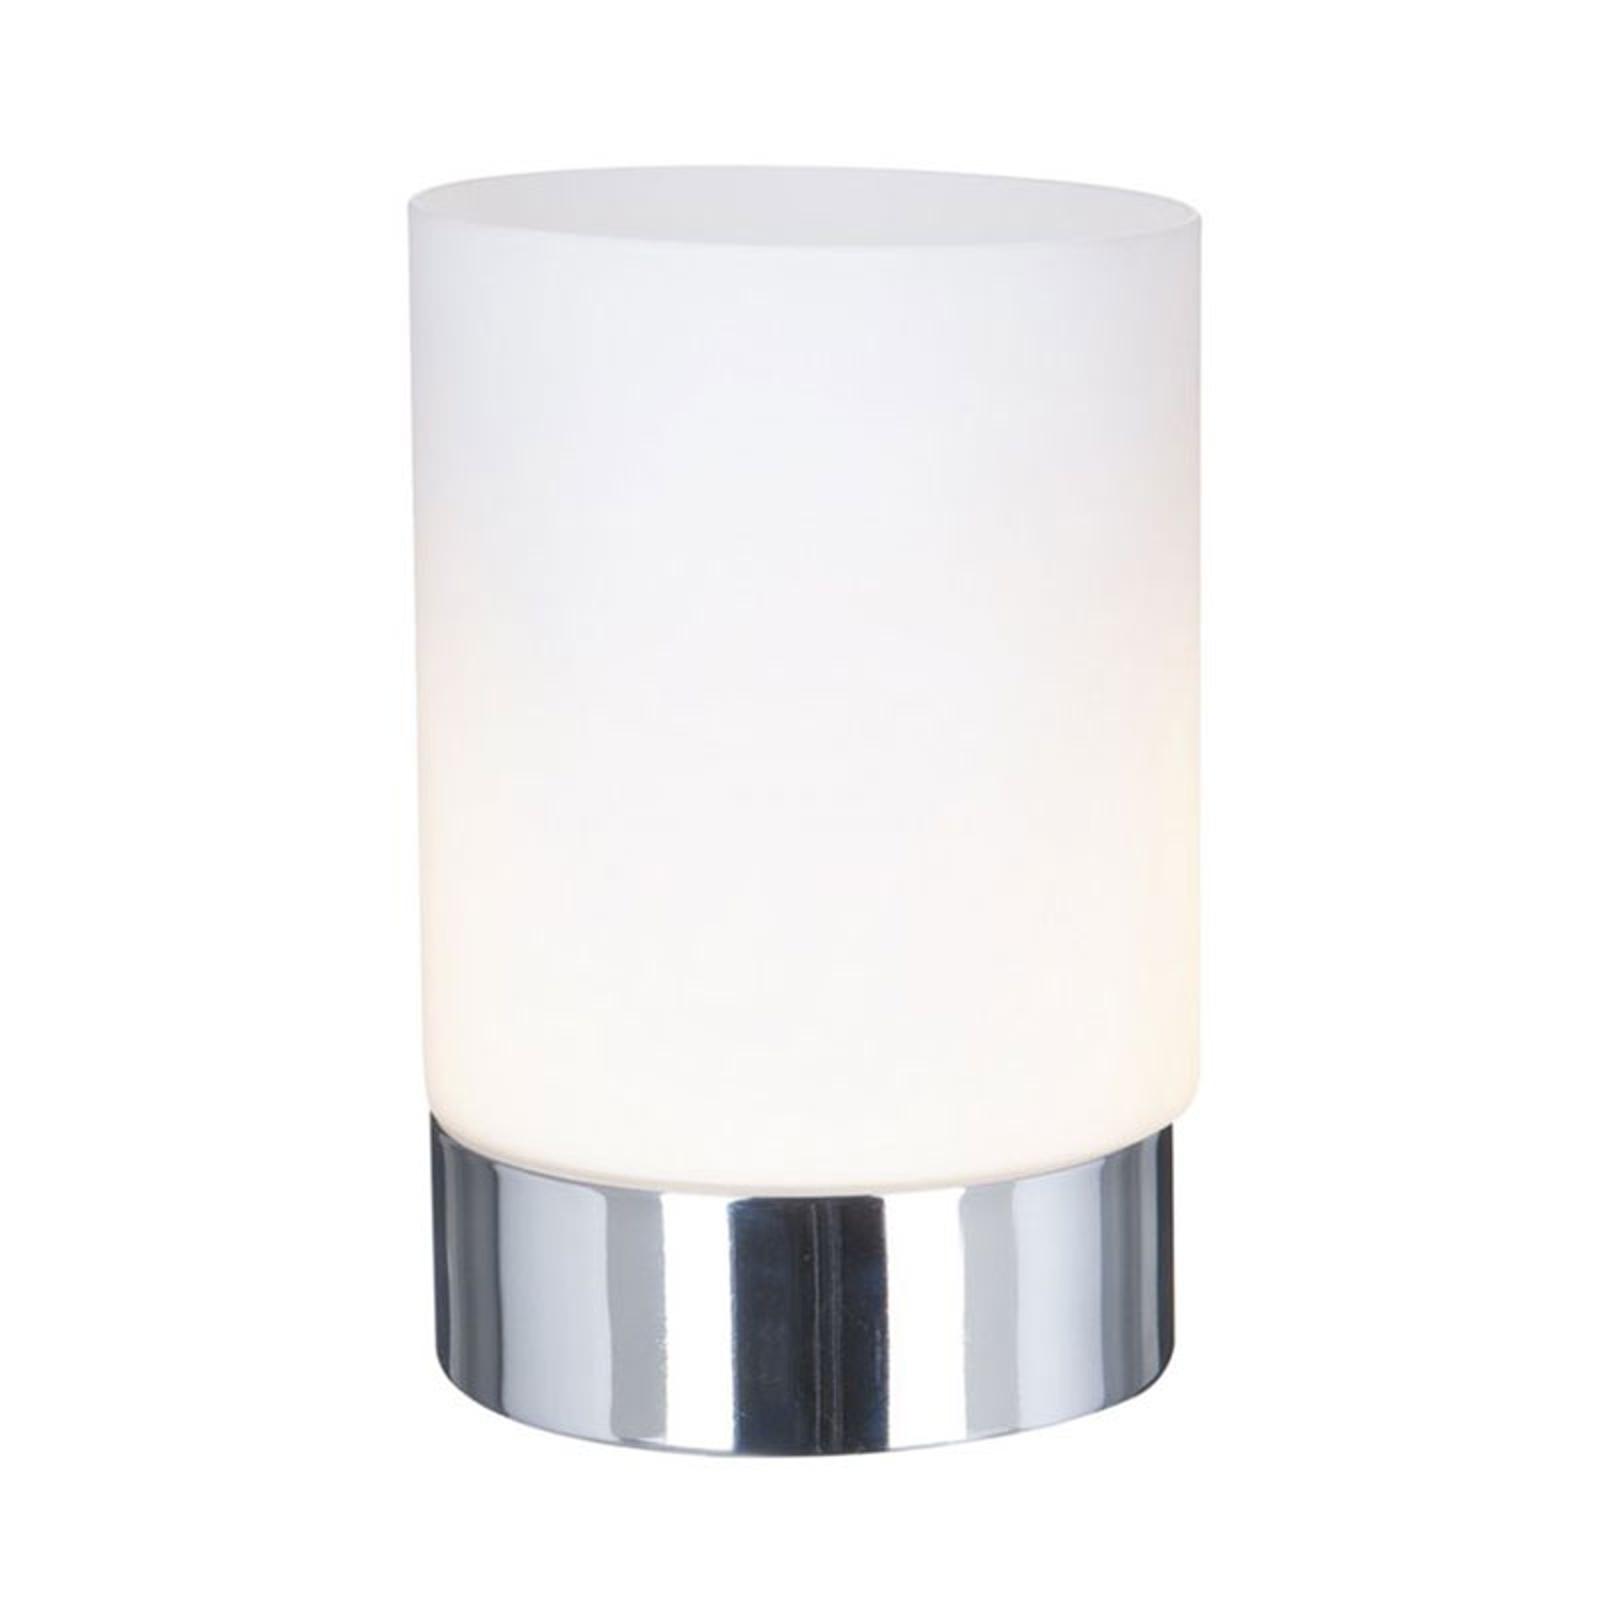 Lampada da tavolo Touch 9791 con cilindro di vetro